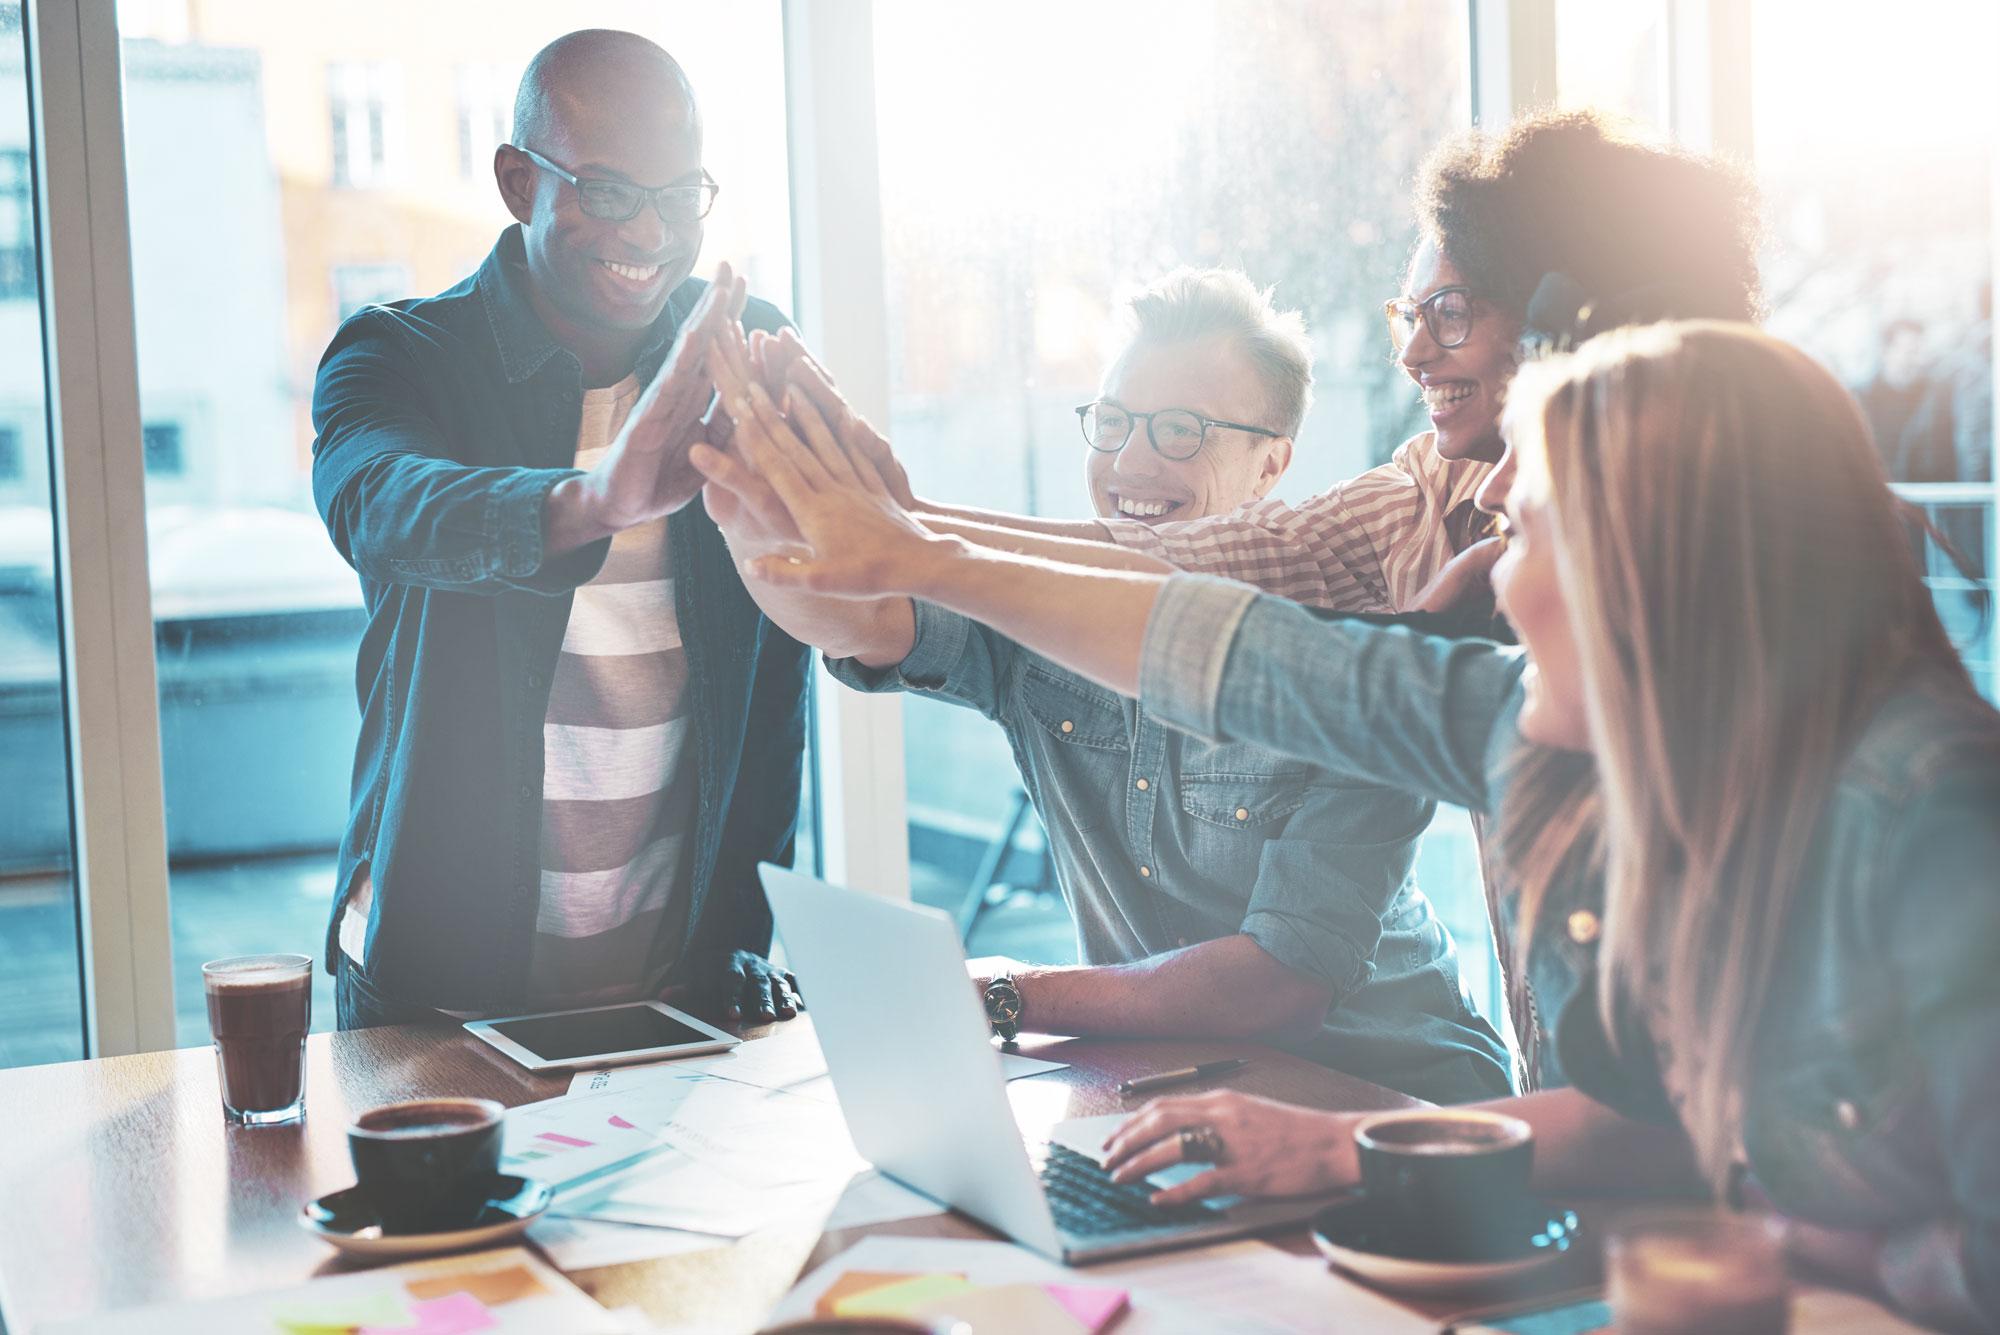 Mito ou verdade: Equipes motivadas transformam os resultados de uma empresa?